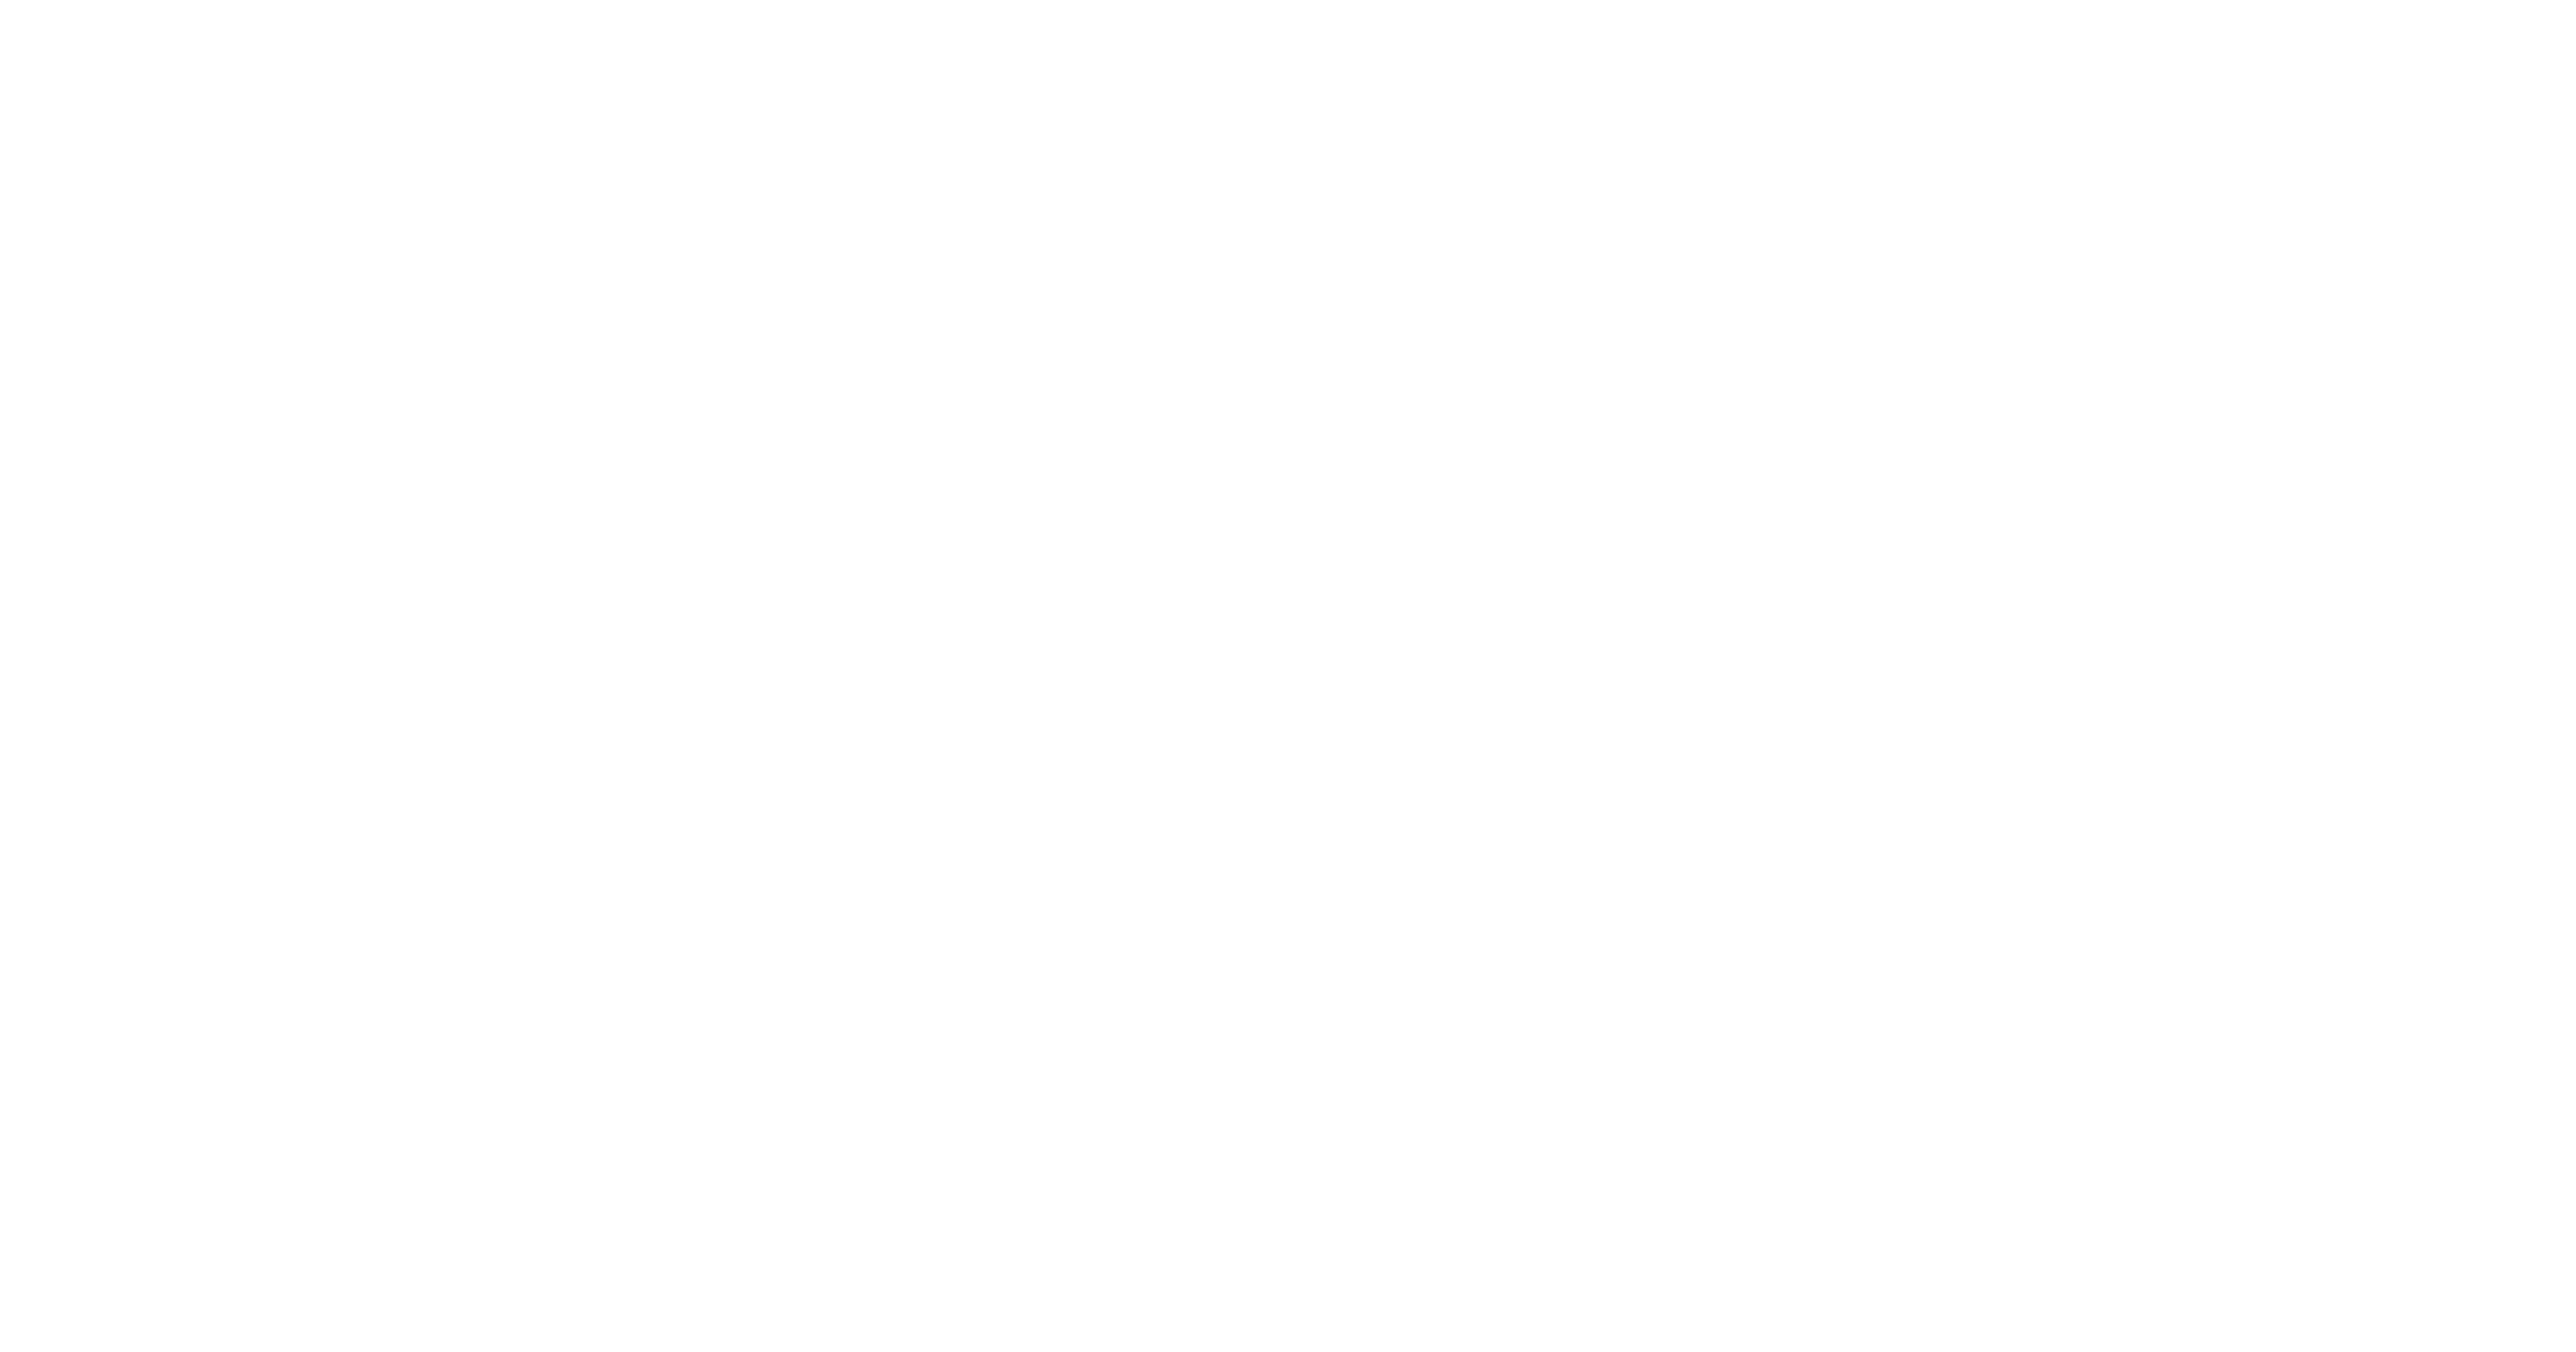 les ateliers de la cote biarritz